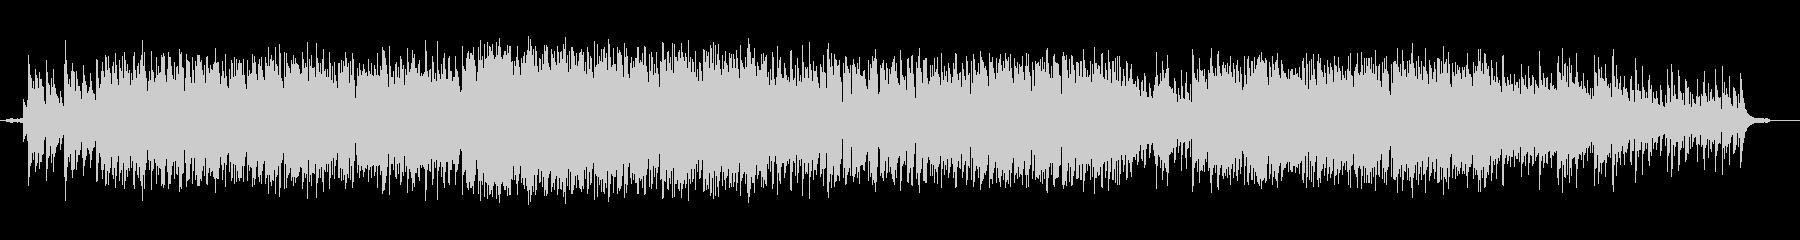 ゆったりとした雰囲気のボサノバの未再生の波形